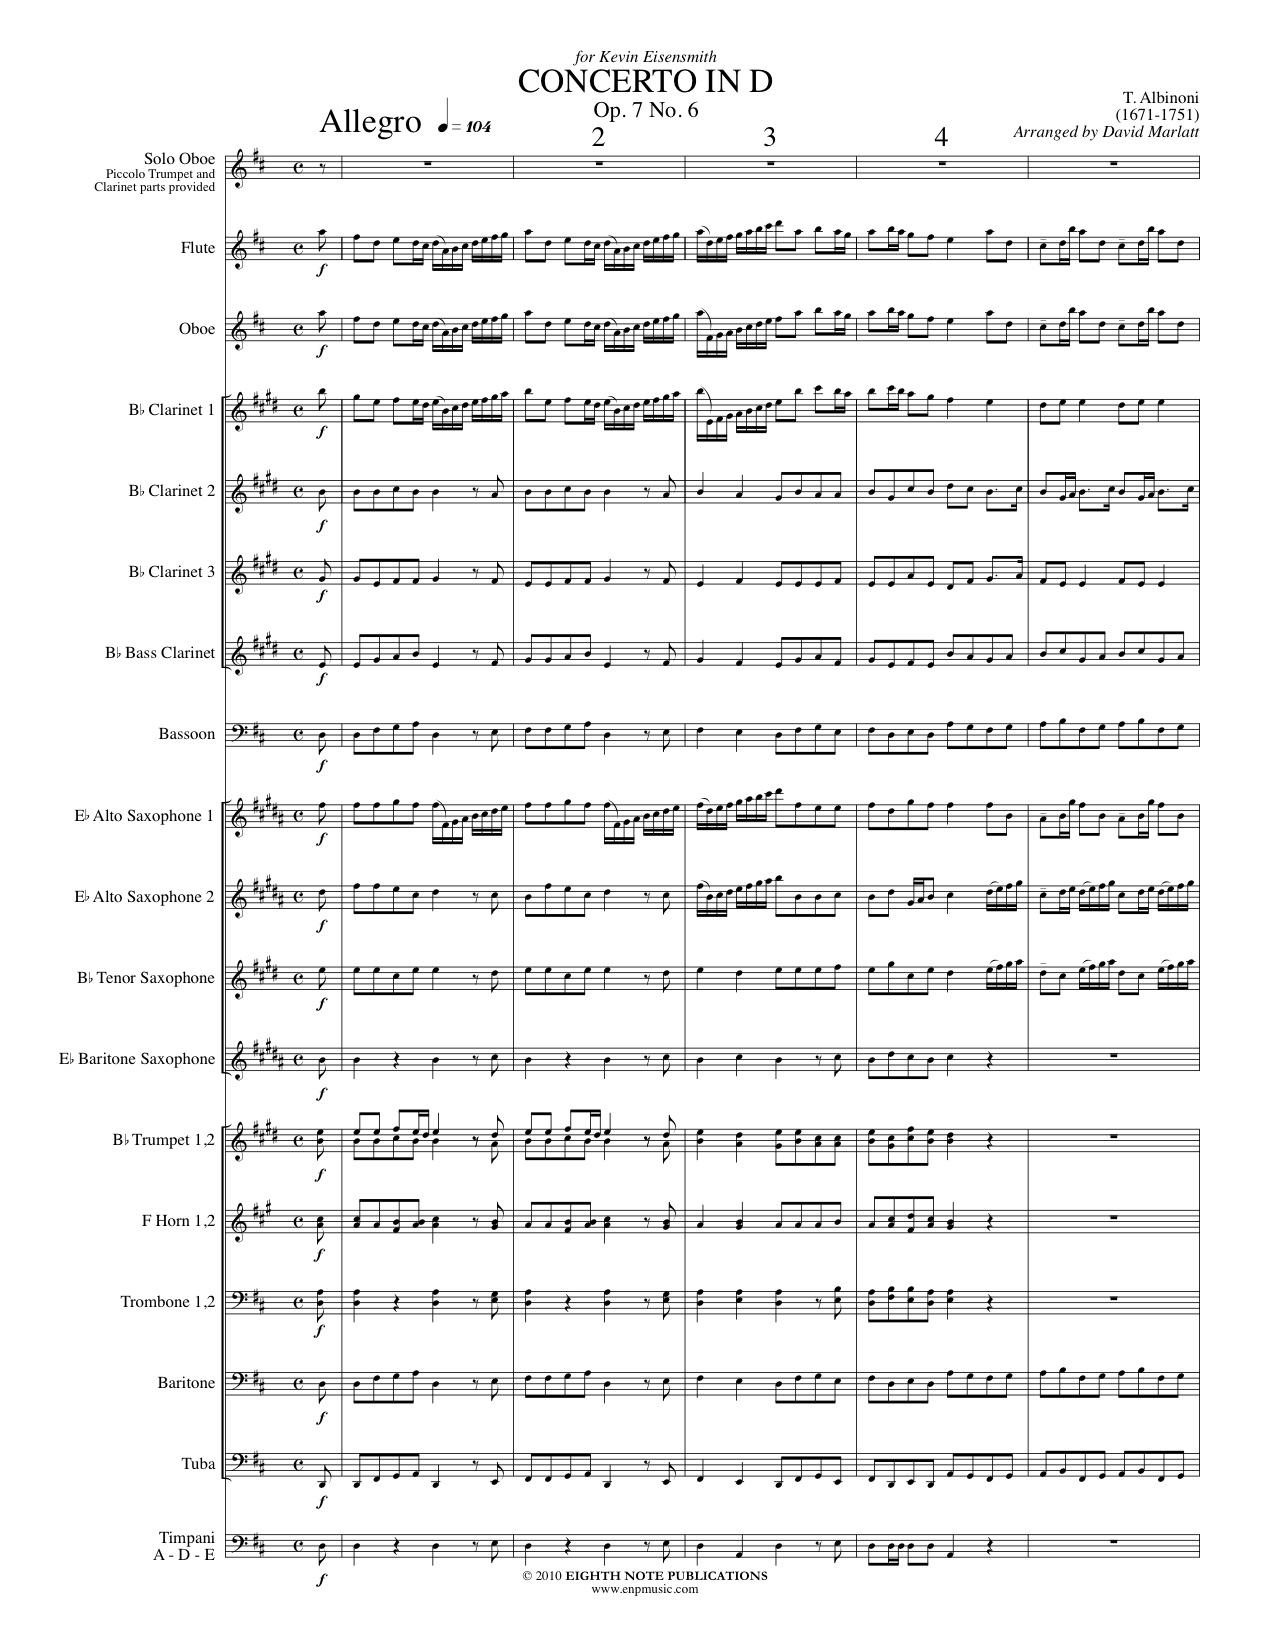 Concerto in D - Op. 7, No. 6 - Tomaso Albinoni